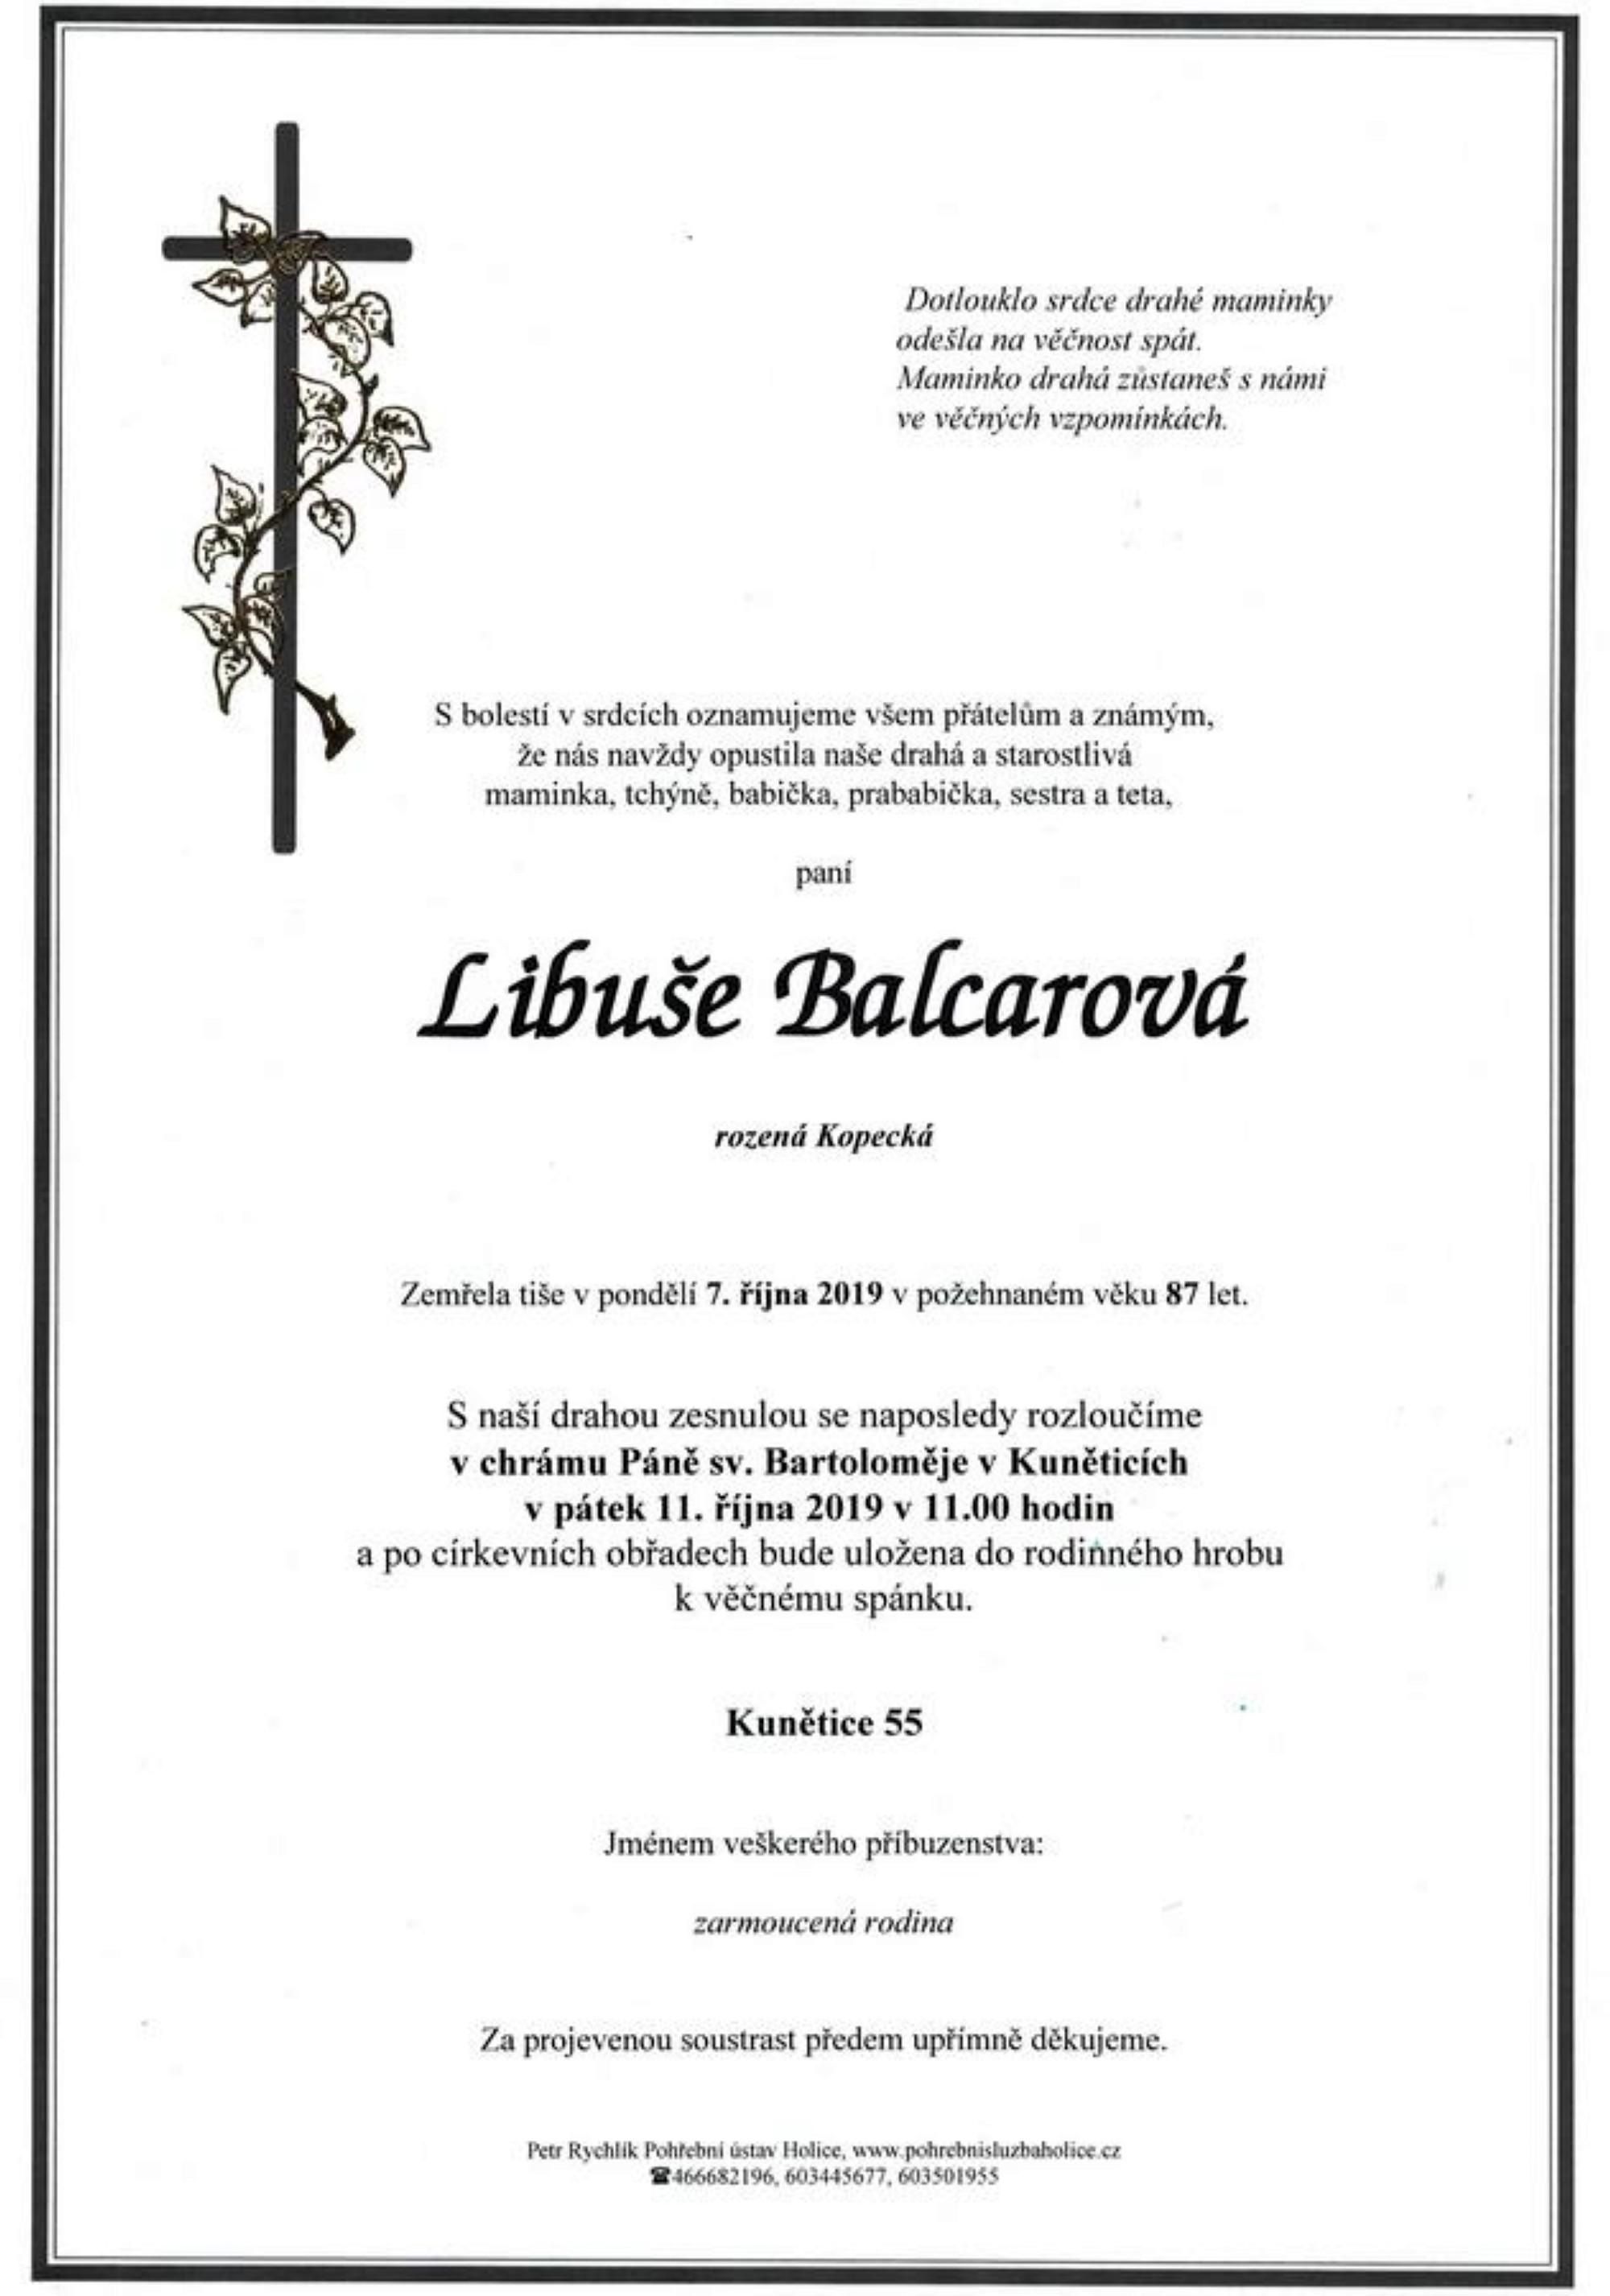 Libuše Balcarová